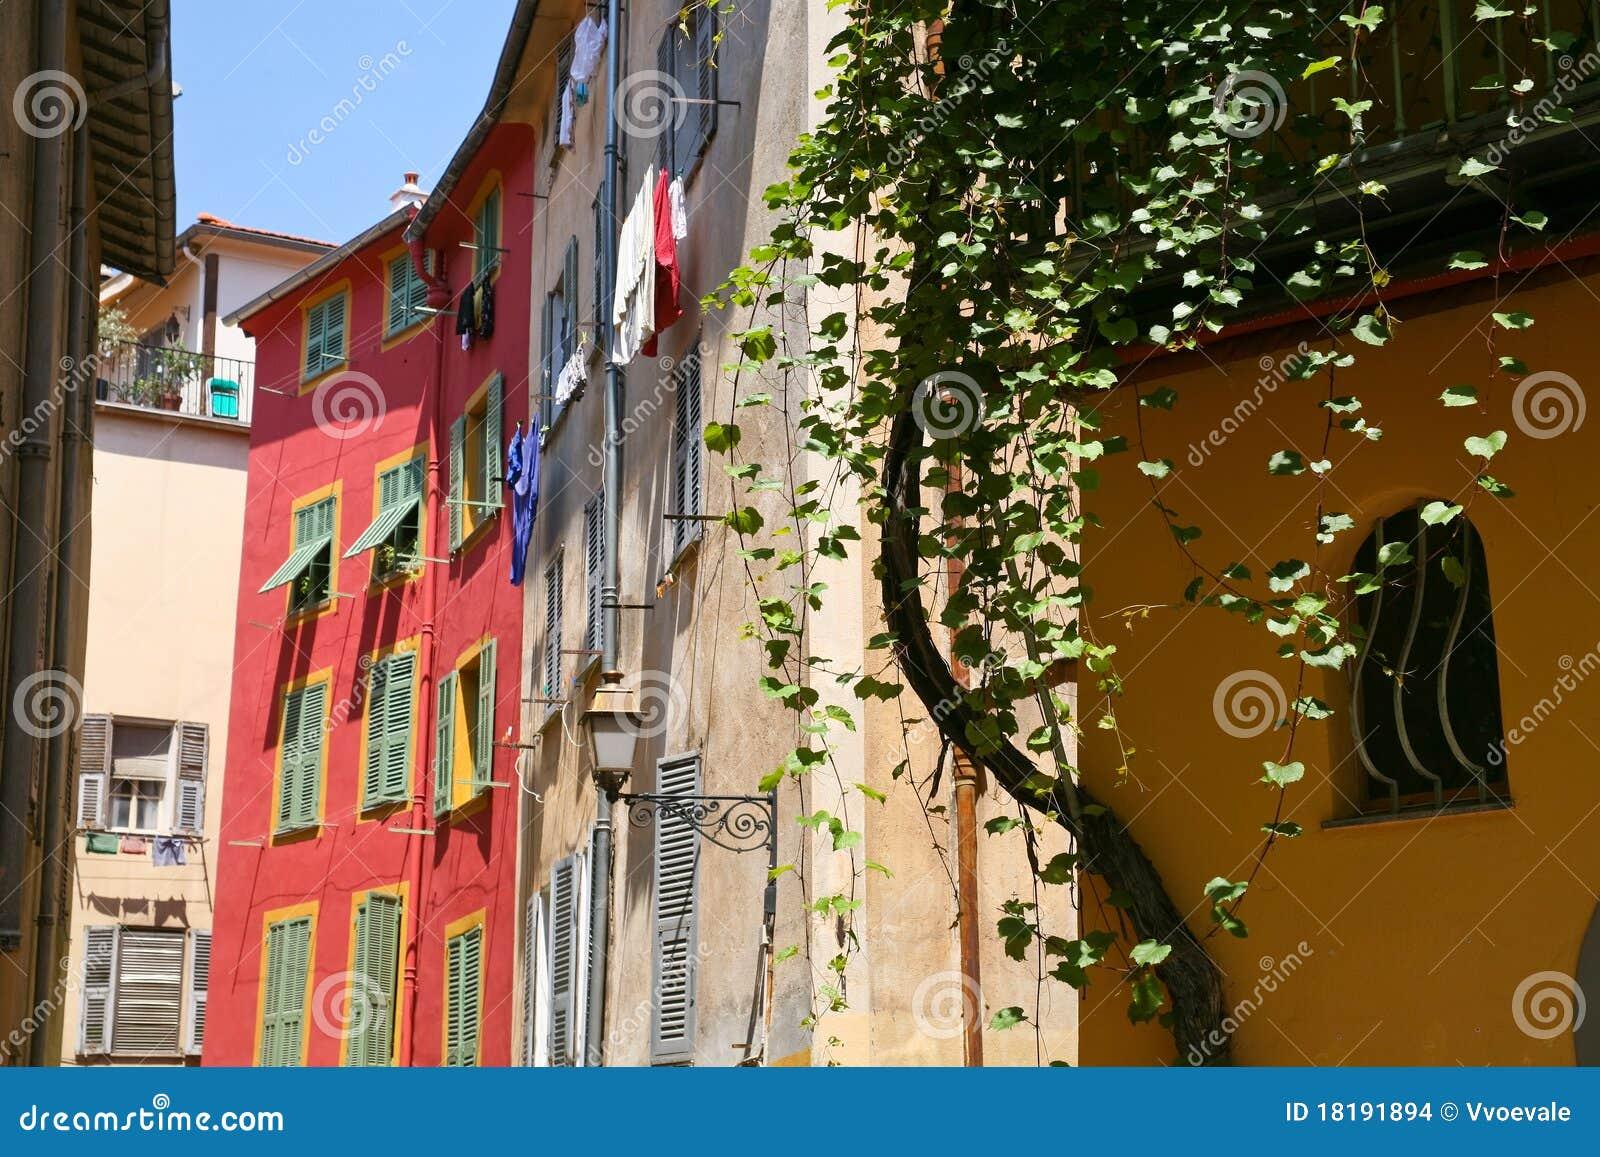 France miasteczko południowy uliczny